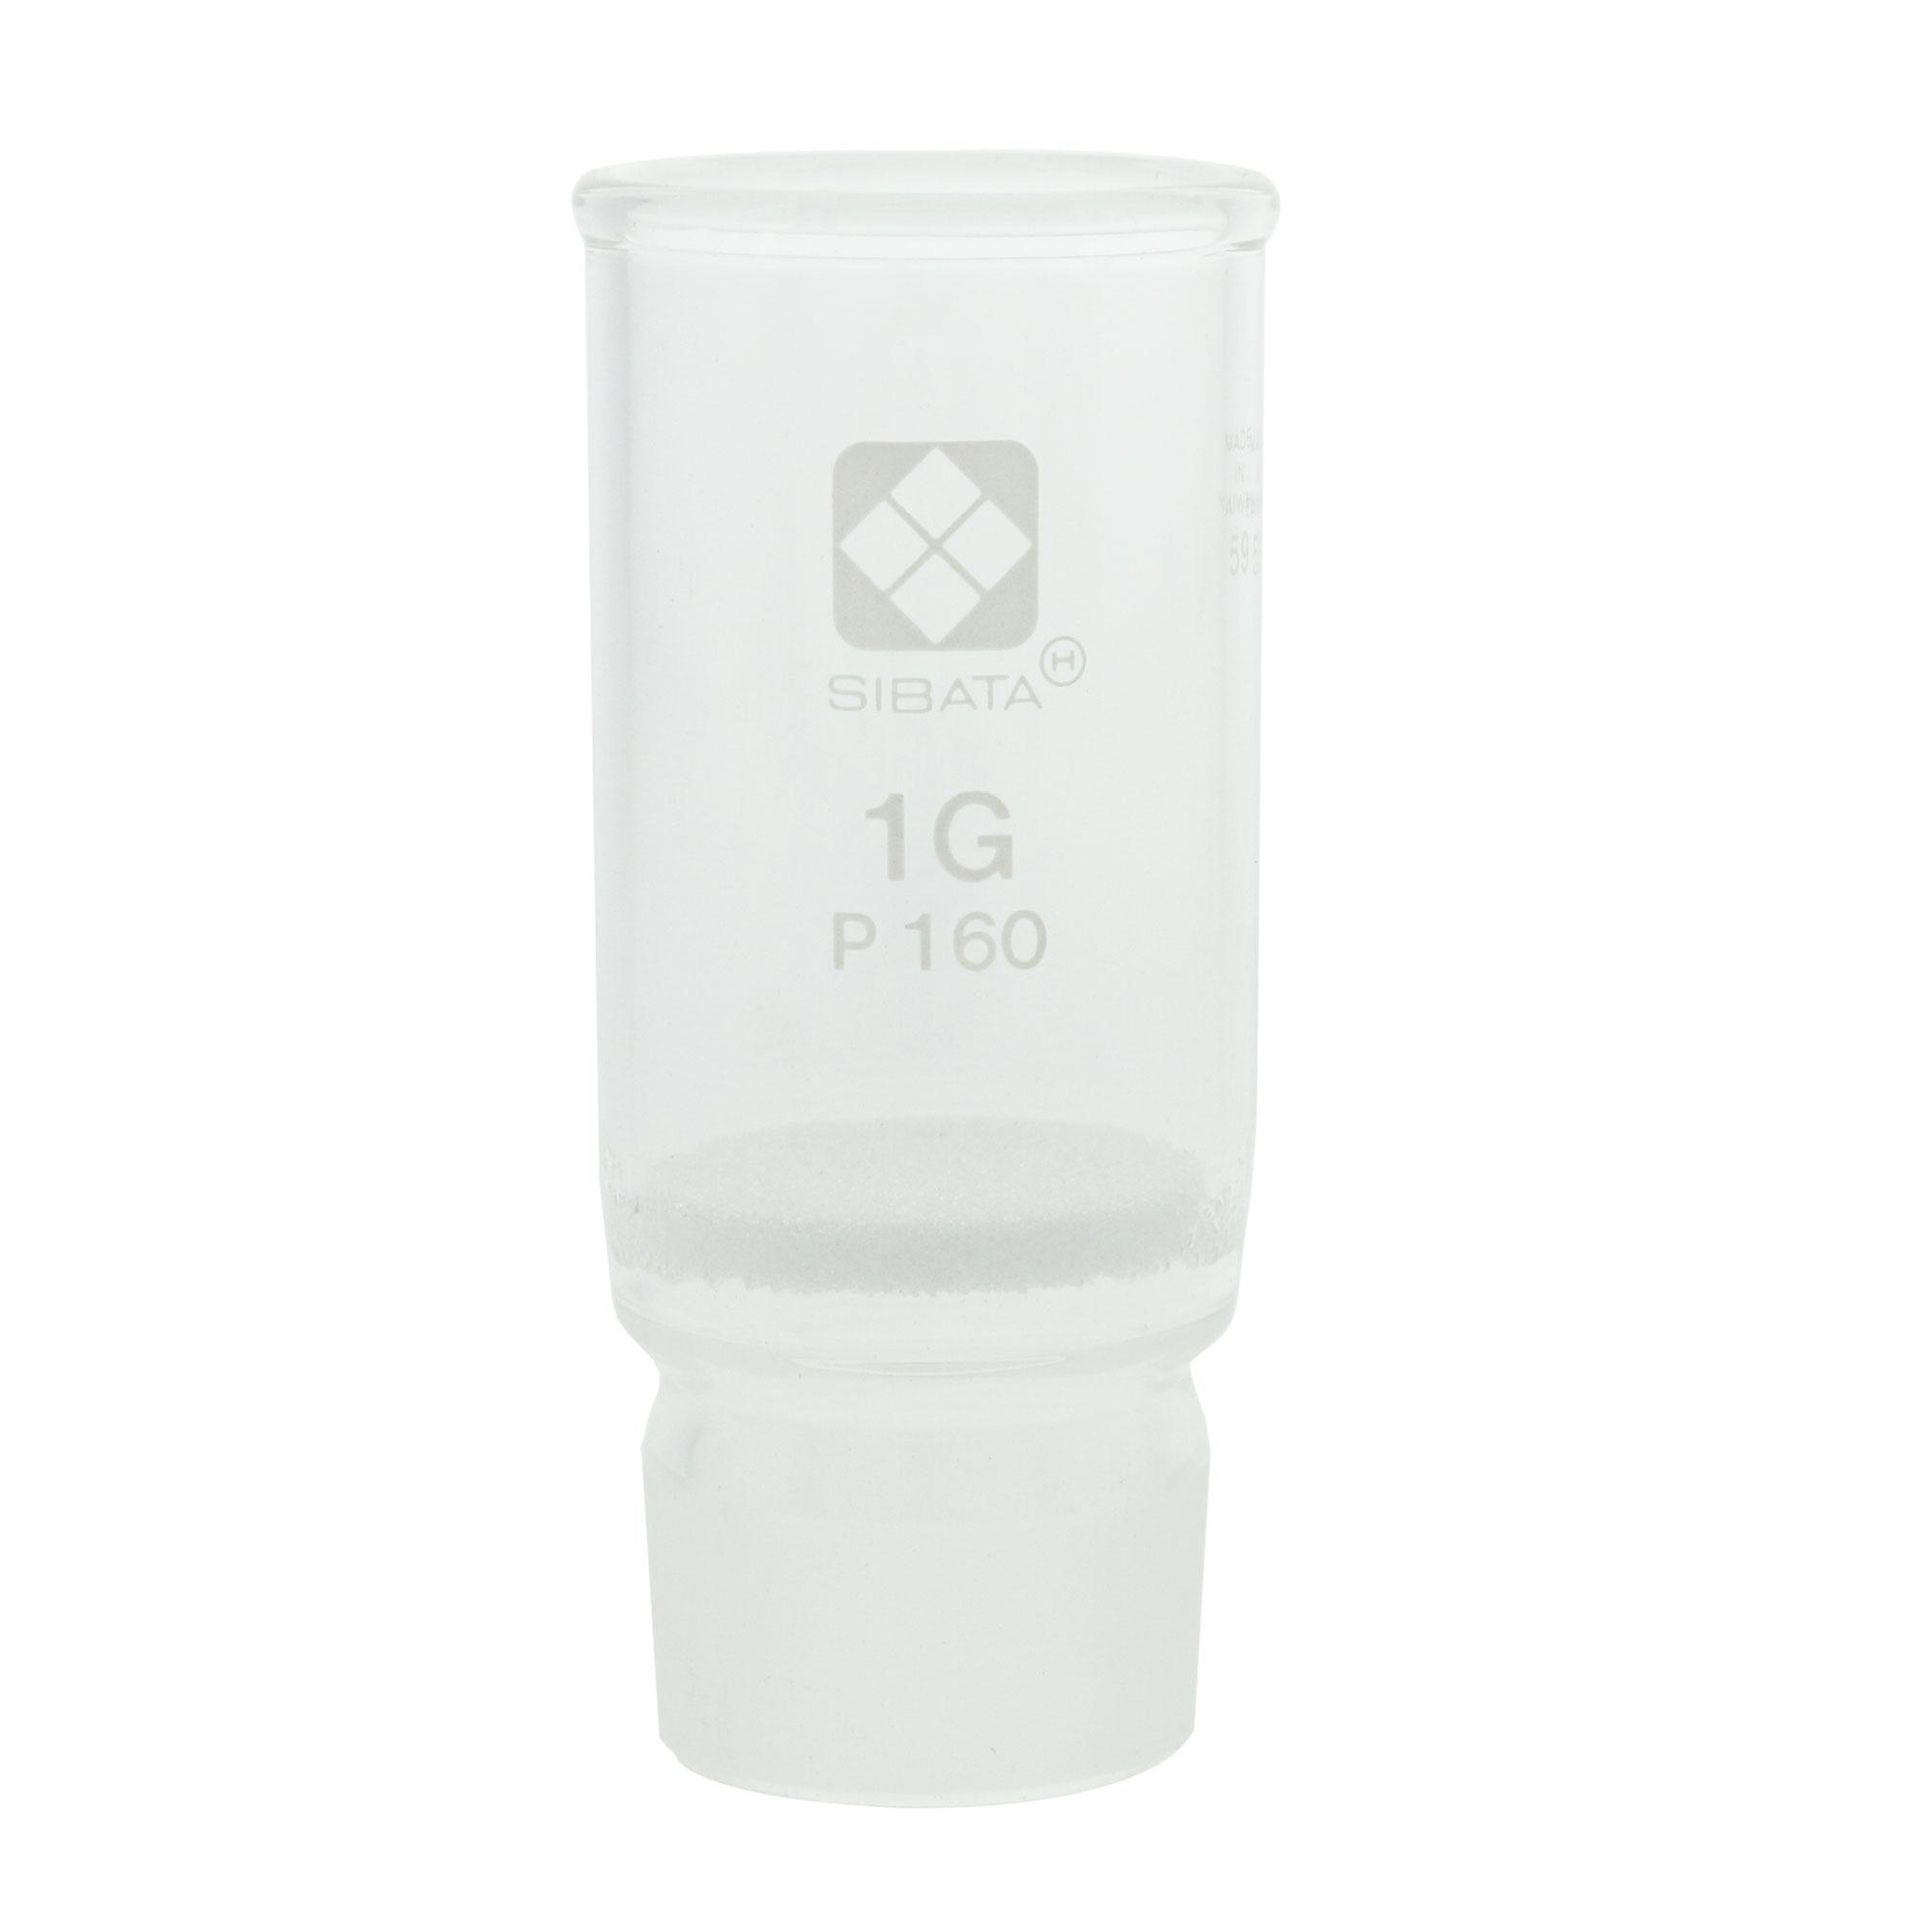 013070-1160 共通摺合ガラスろ過器 1G るつぼ形 分離足式 P160 柴田科学(SIBATA)